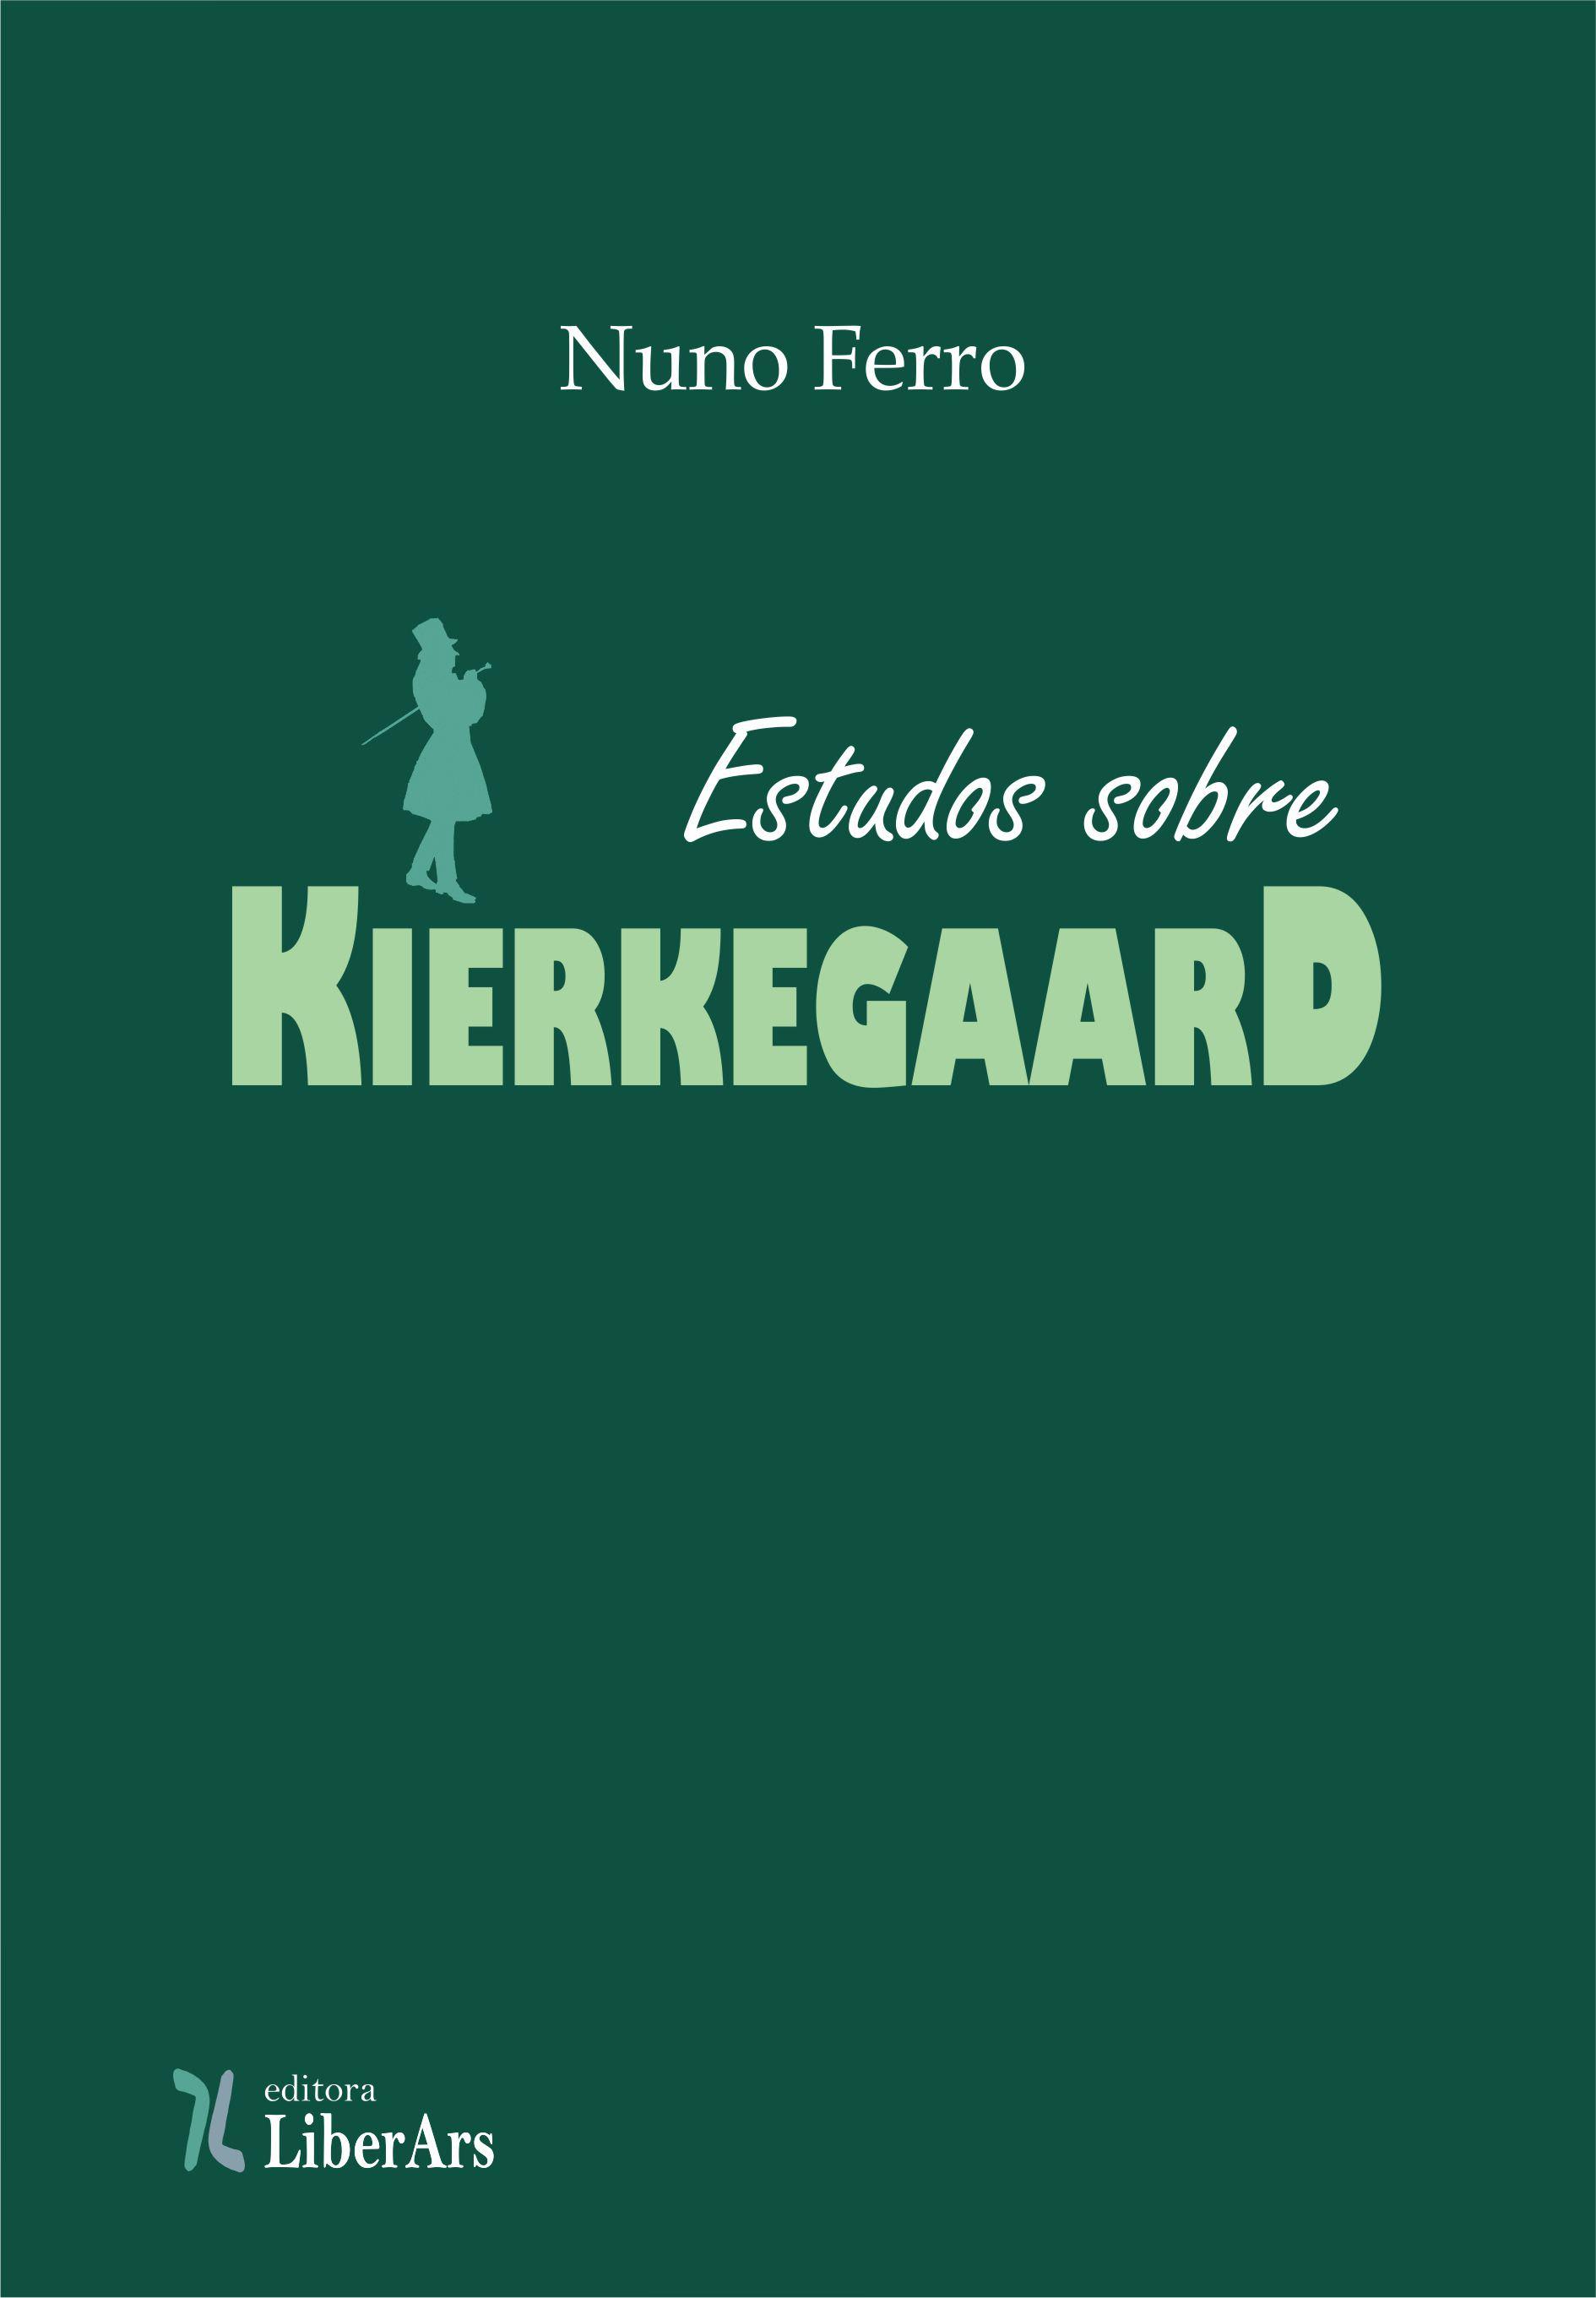 Estudos sobre Kierkegaard, livro de Nuno Ferro